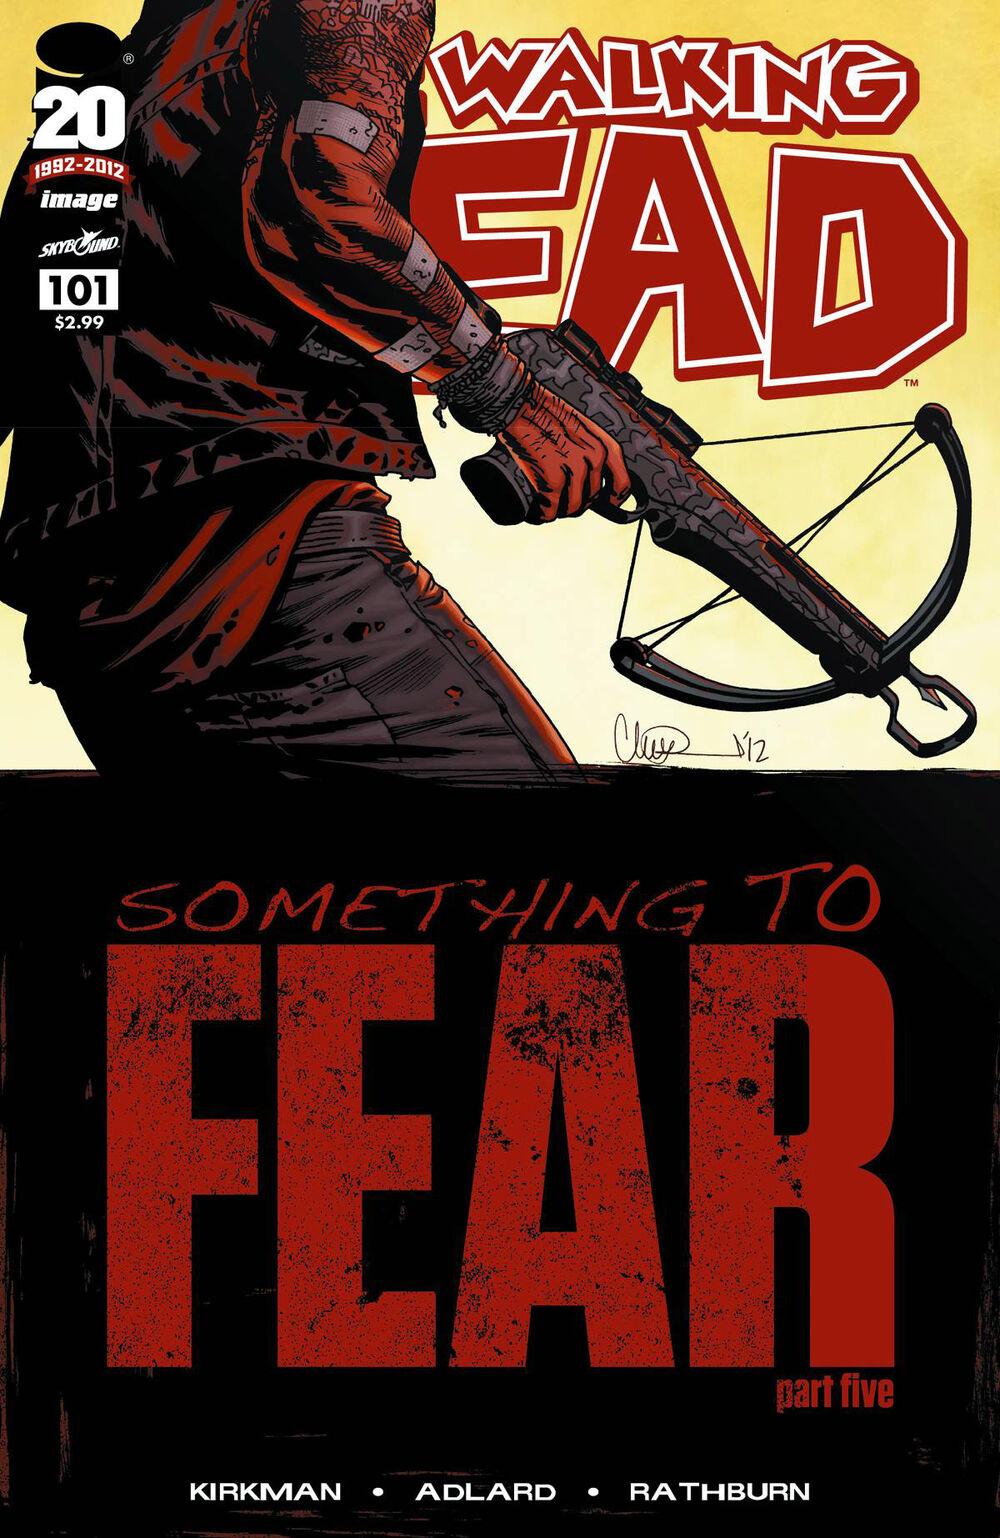 1000px-Walking-Dead-101-Cover.jpg